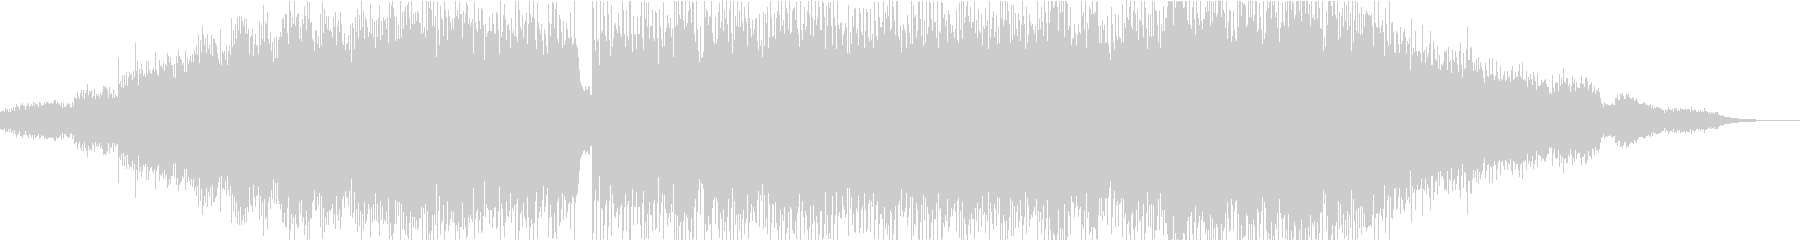 解放感のあるチルアウト音楽の未再生の波形